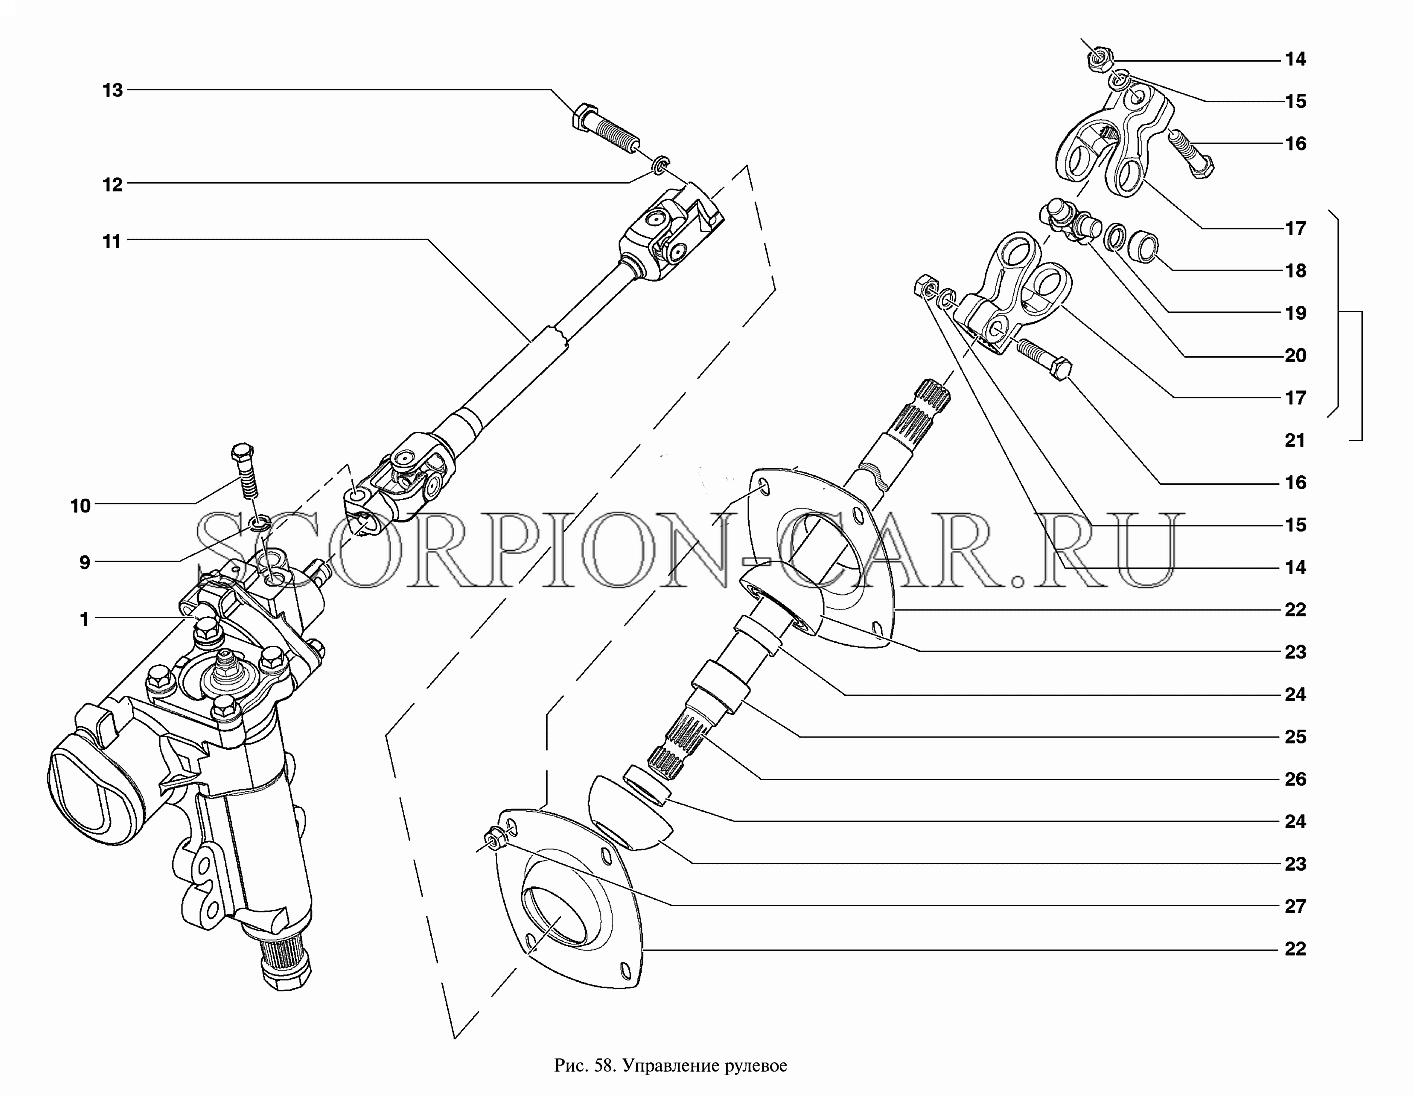 остановка рулевое управление уаз в картинках проекта реконструкции объекта